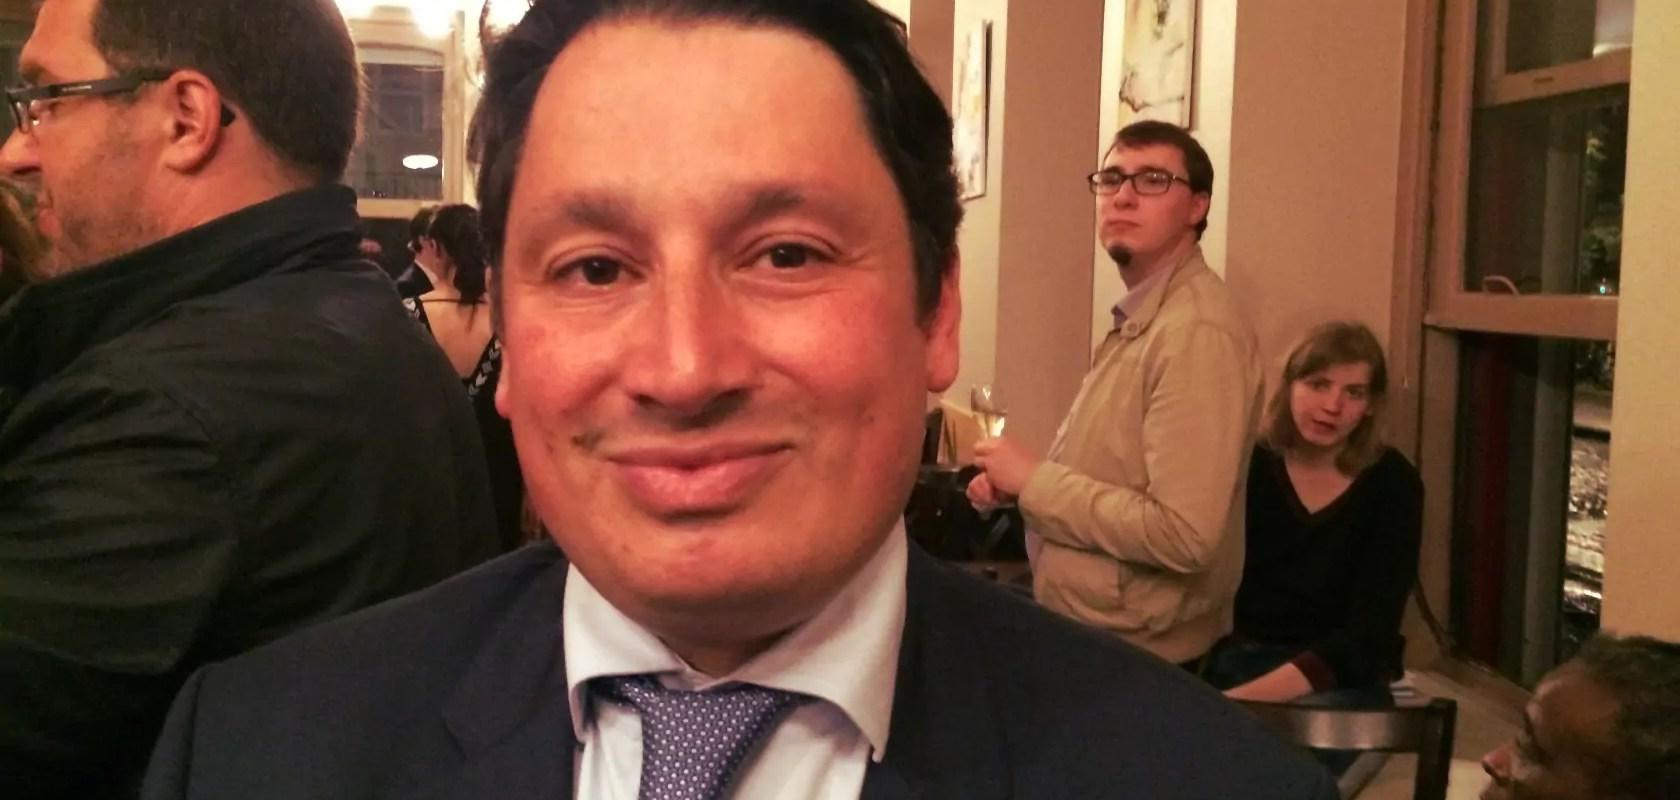 Législative partielle : Éric Elkouby devient le député le plus mal élu du Bas-Rhin